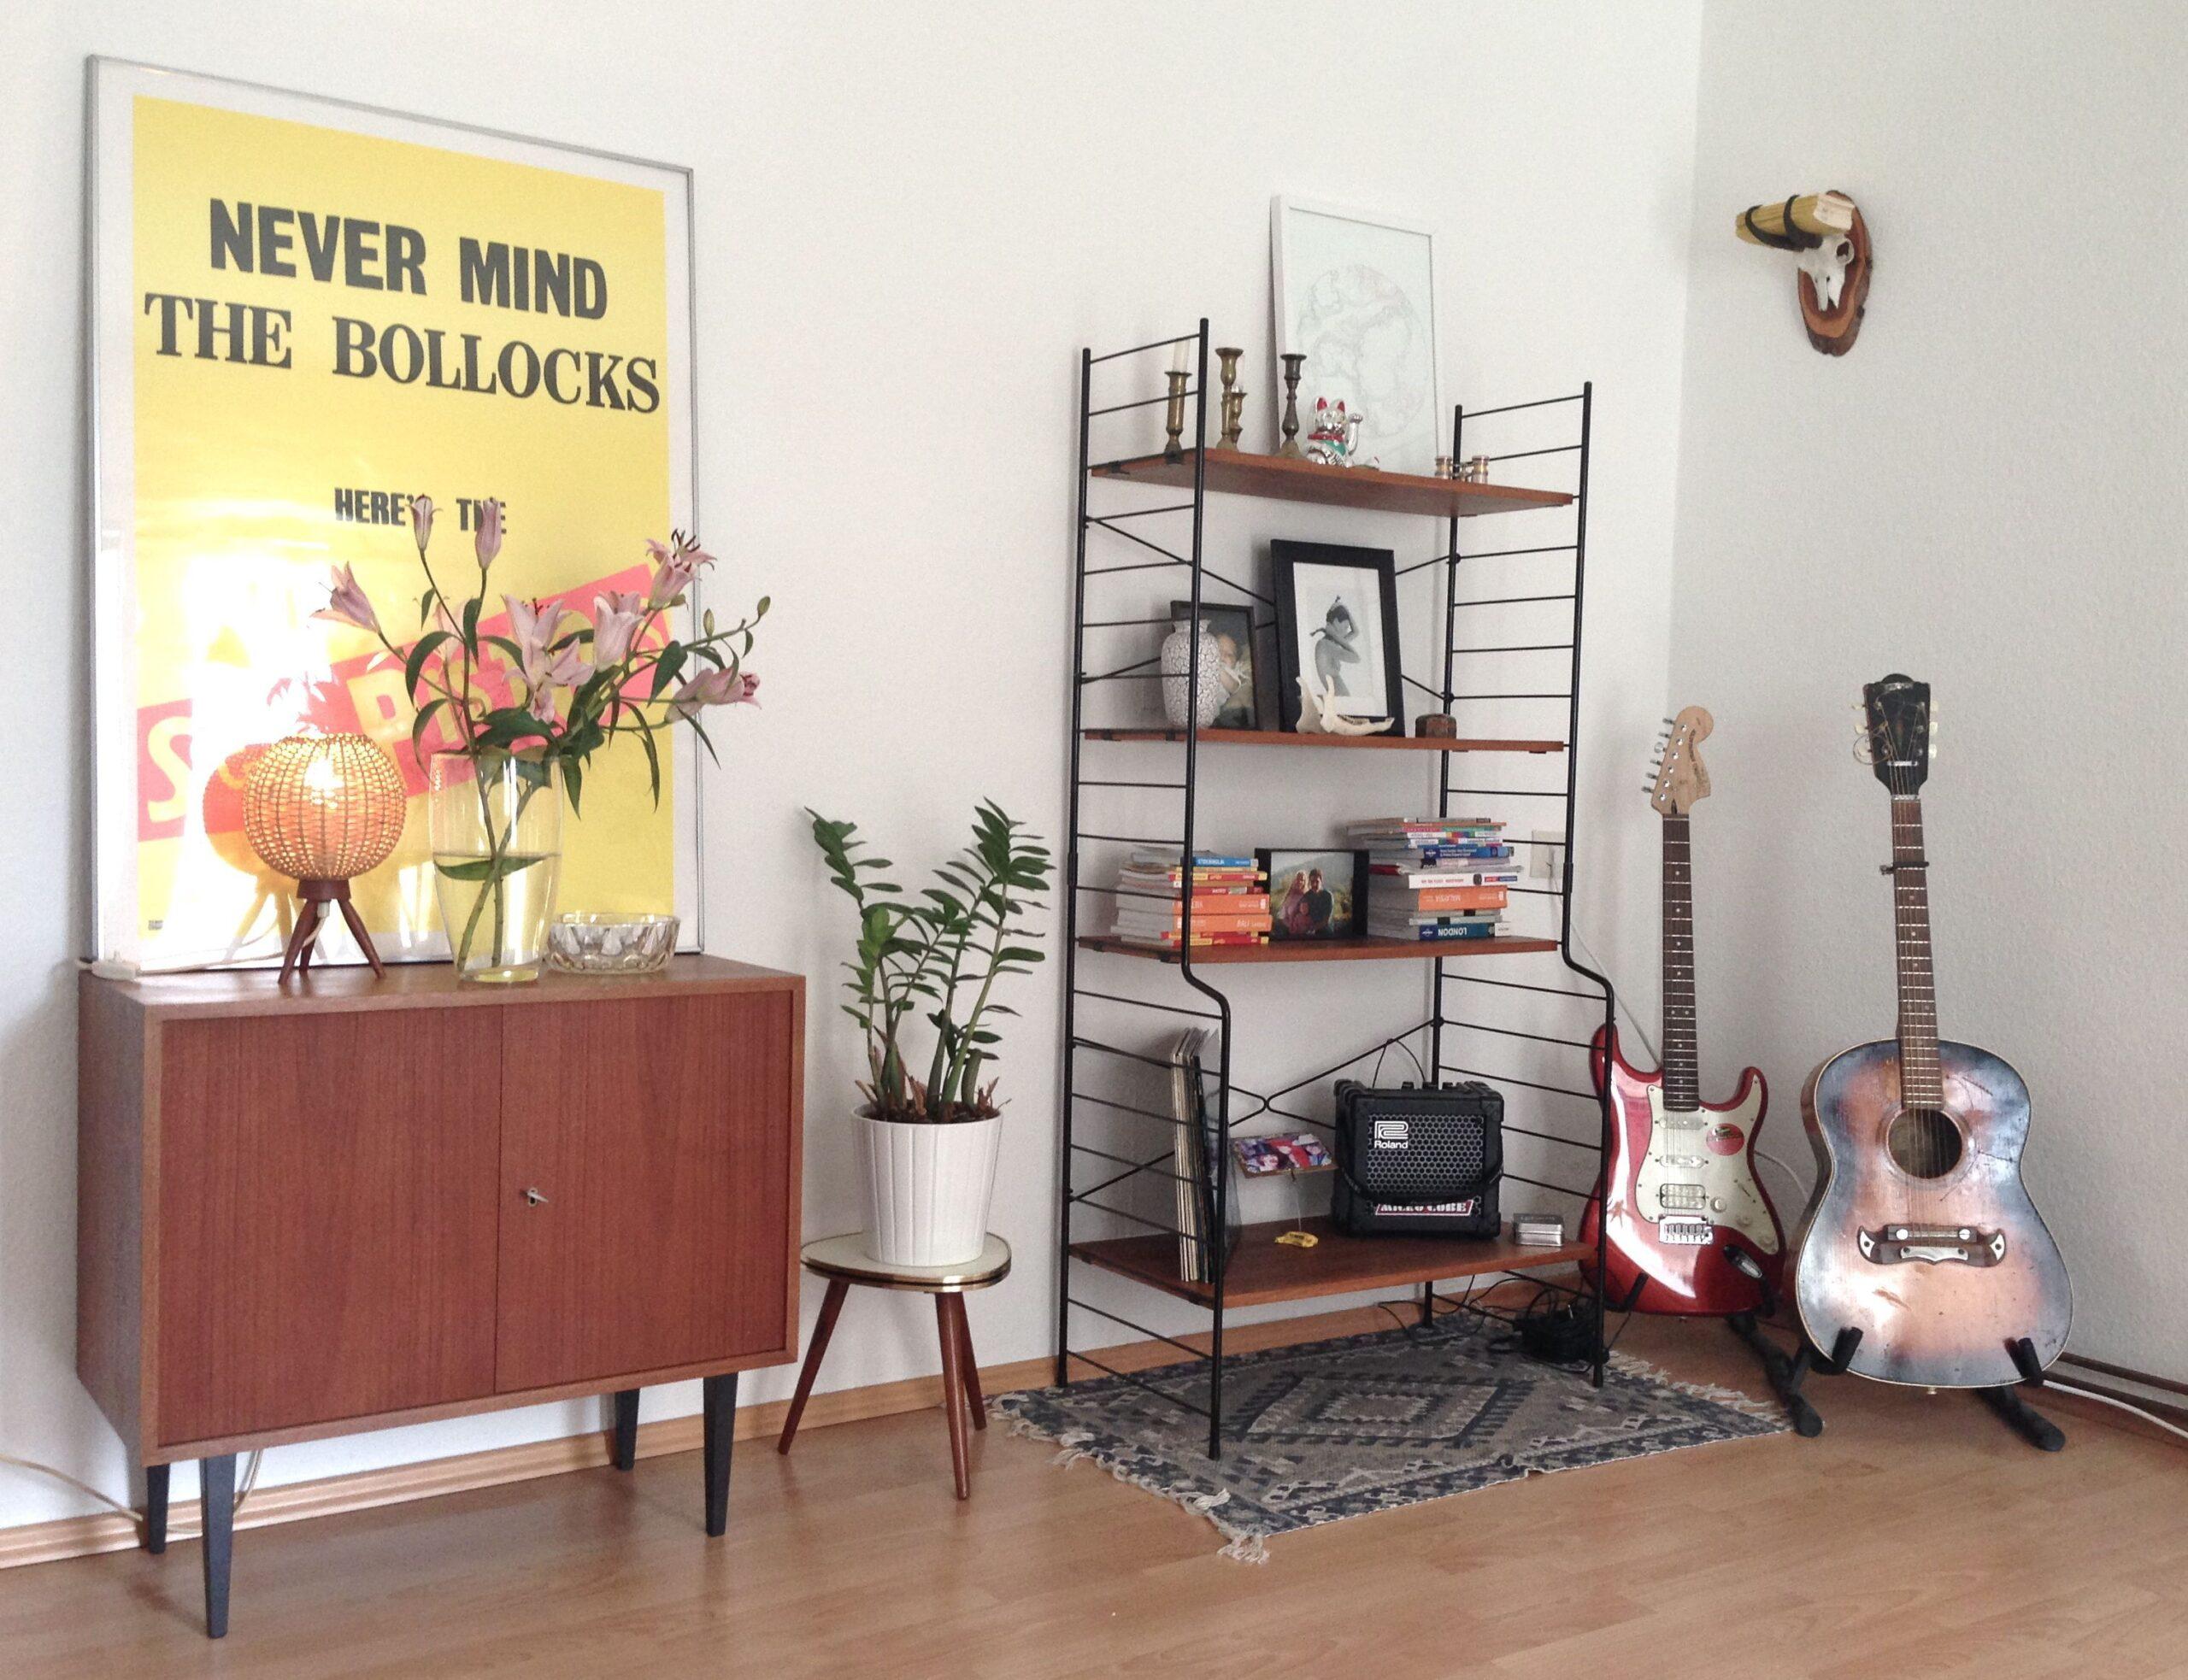 Full Size of String Regal Archive Retro Salon Cologne Schäfer Regale Schräge Fnp Keller 25 Cm Breit Weiß 60 Obi Kinderzimmer Nach Maß Wohnzimmer Retro Regal